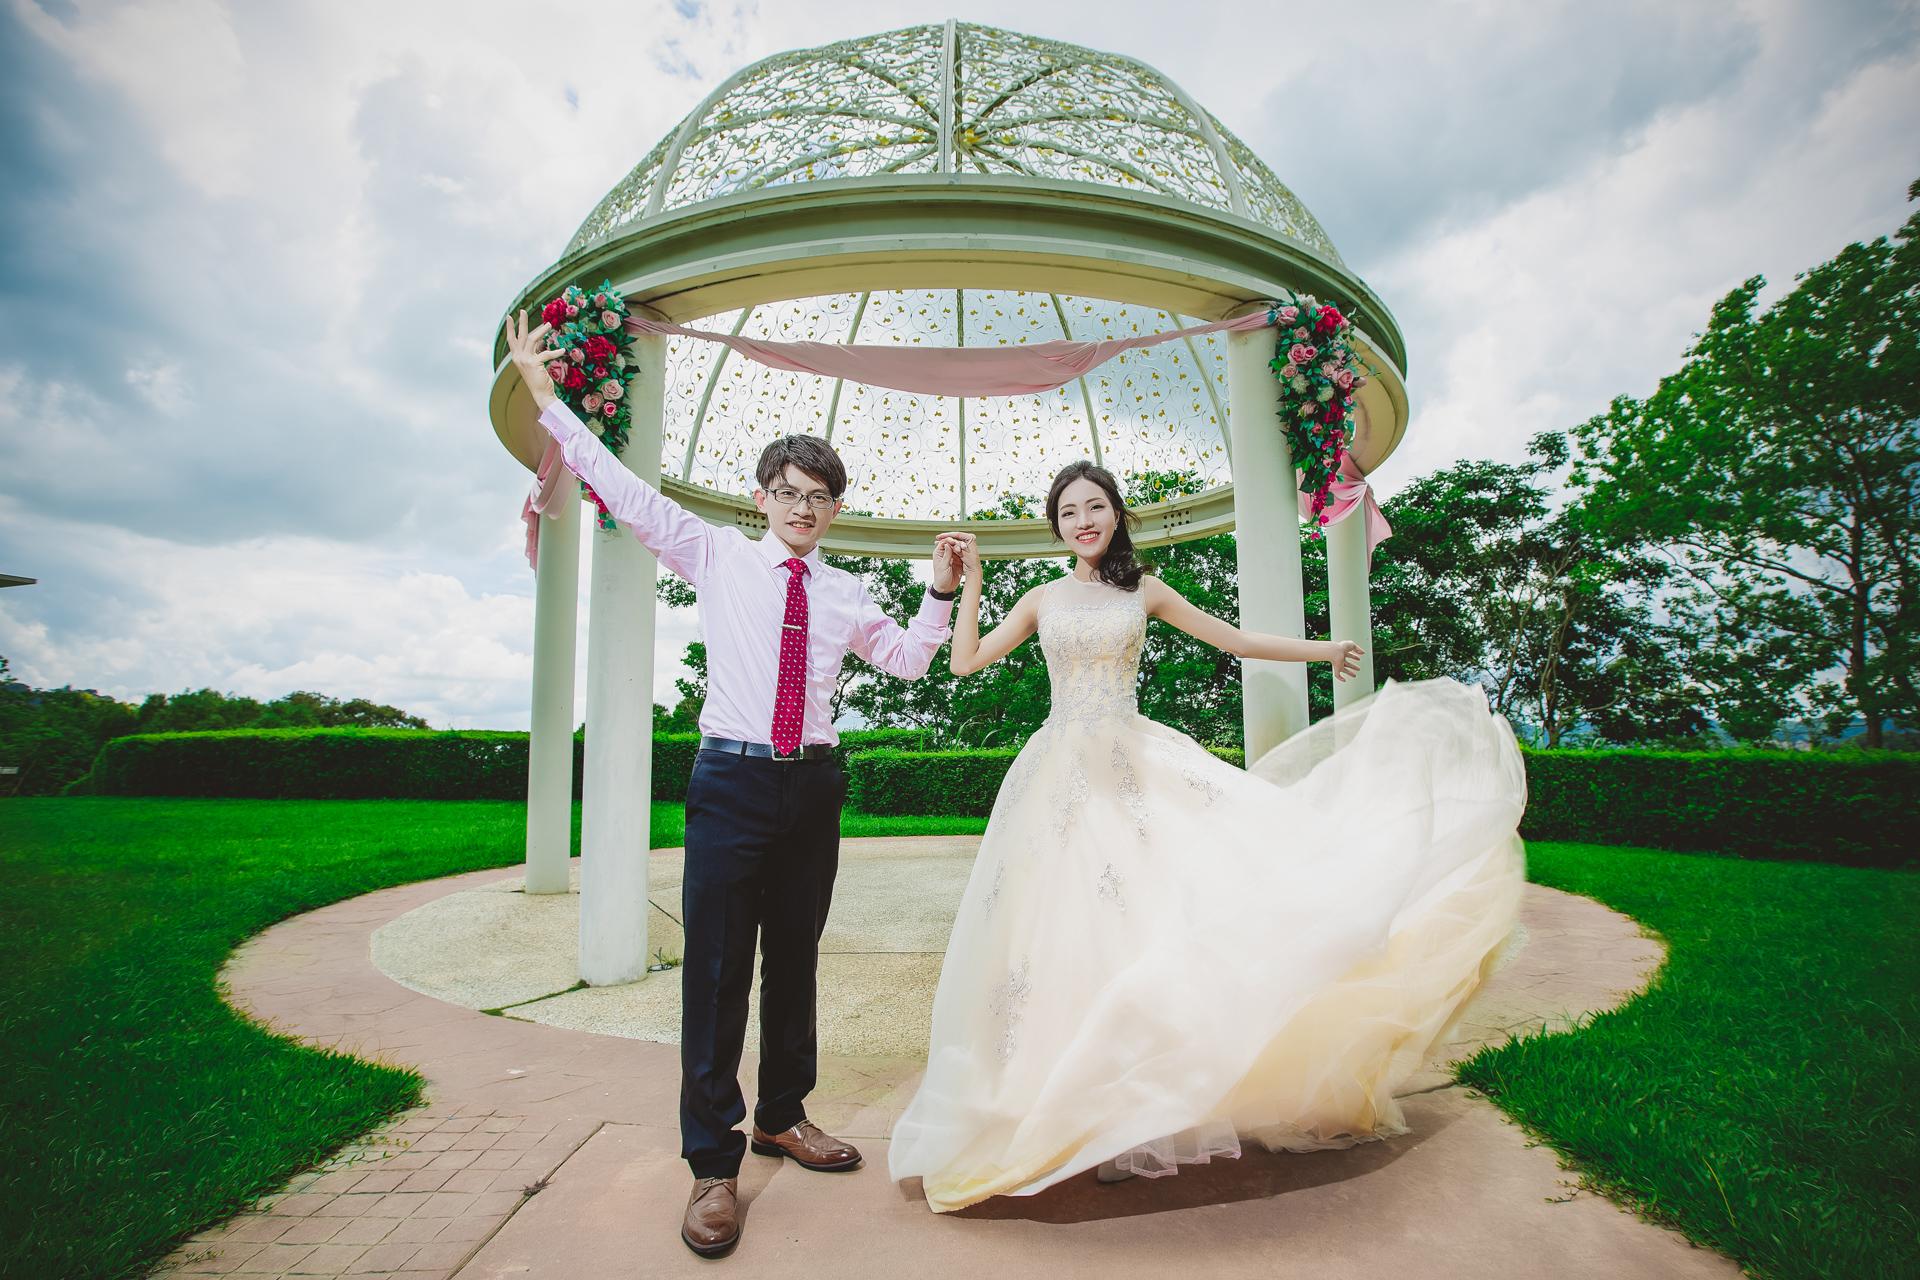 婚攝,婚禮攝影,台中婚攝,心之芳庭